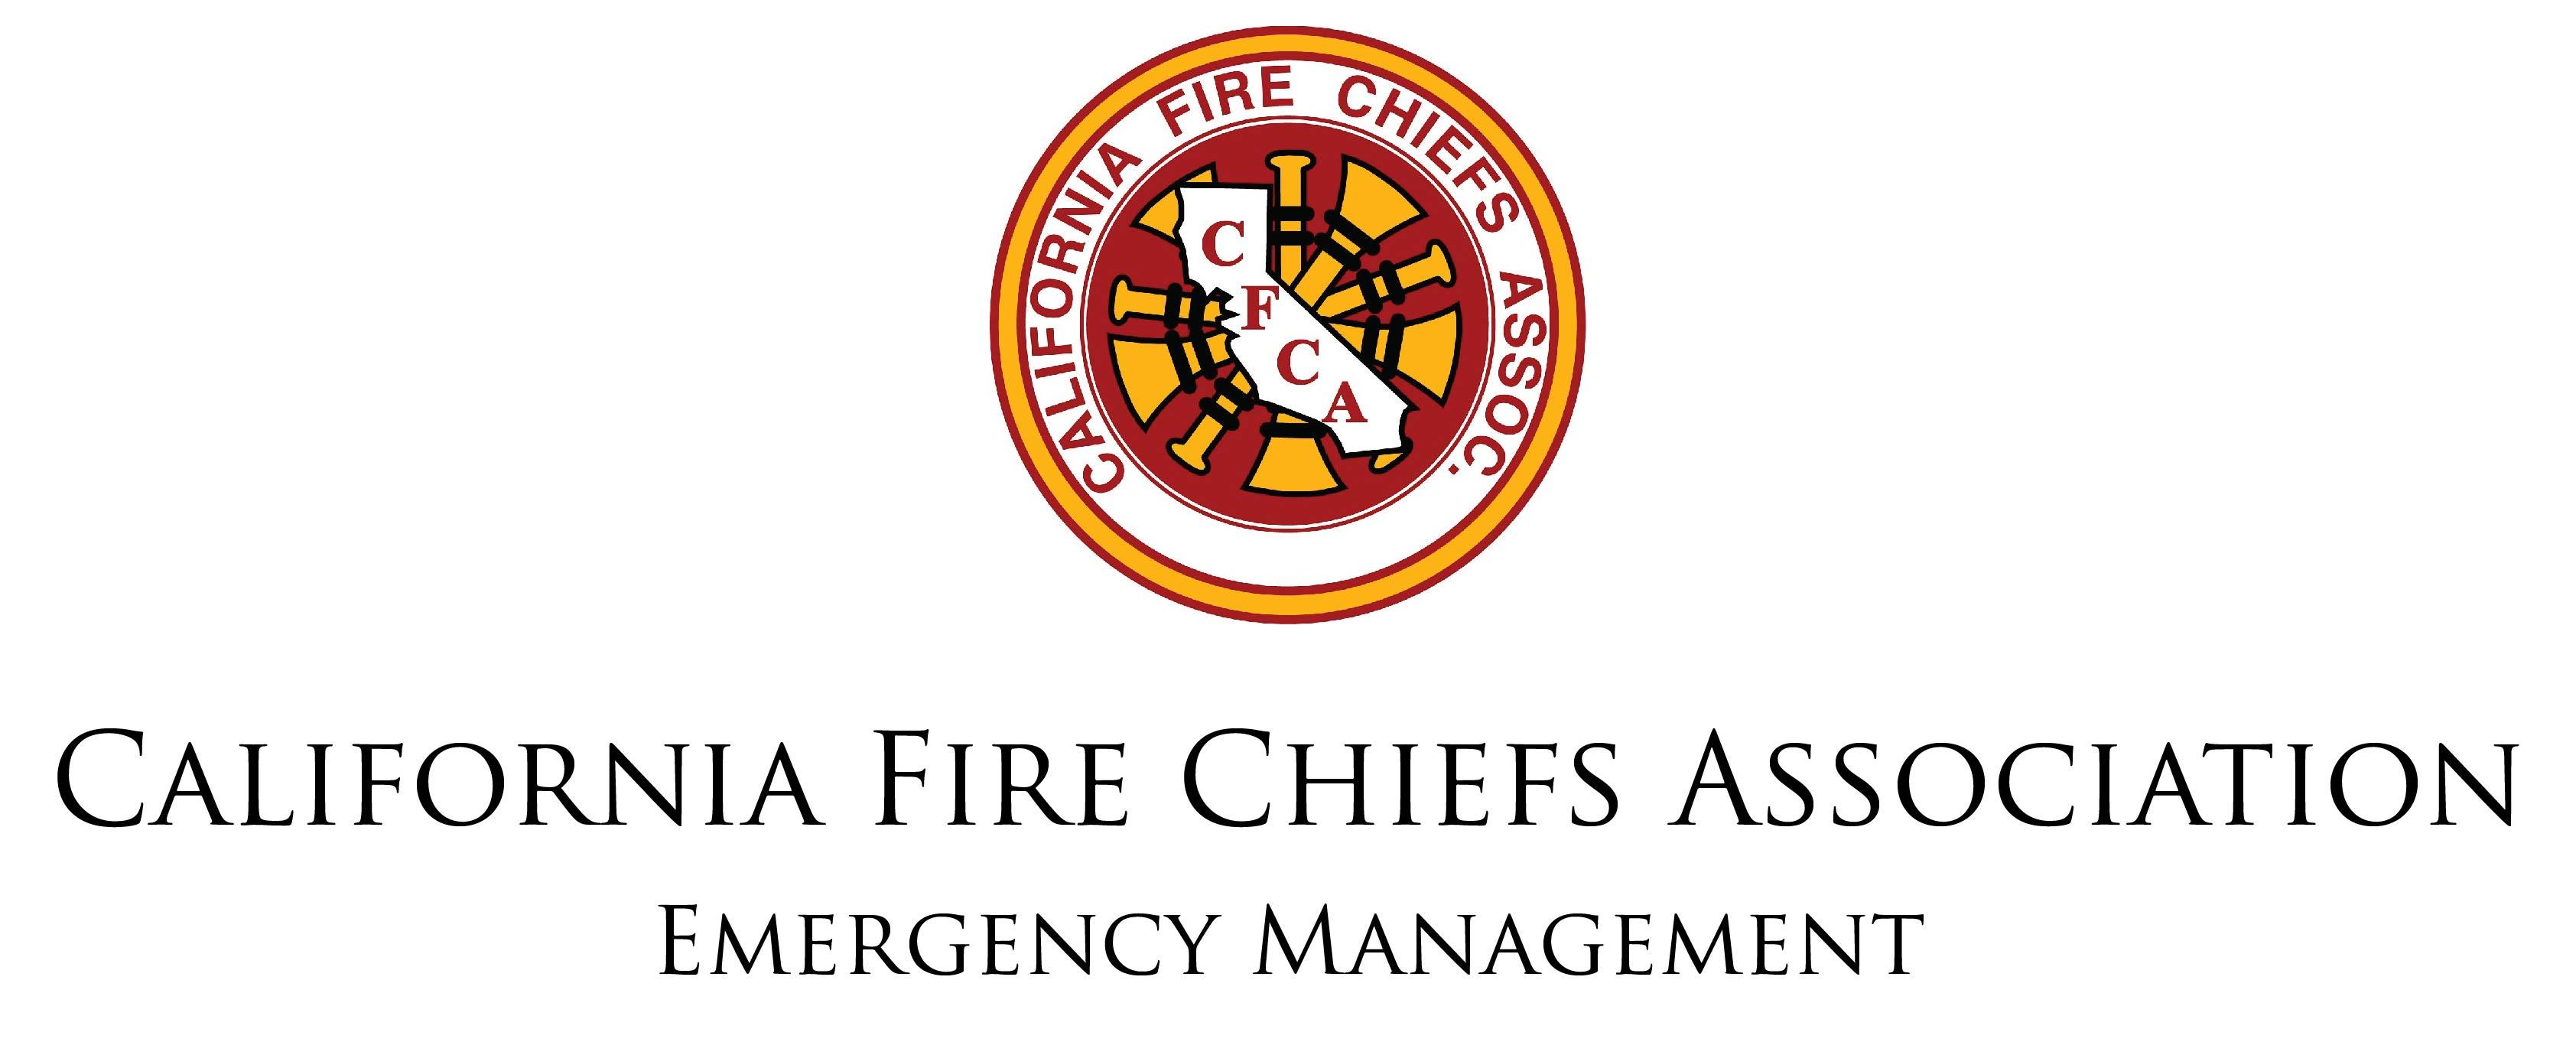 California Fire Chiefs Association - Emergency Management